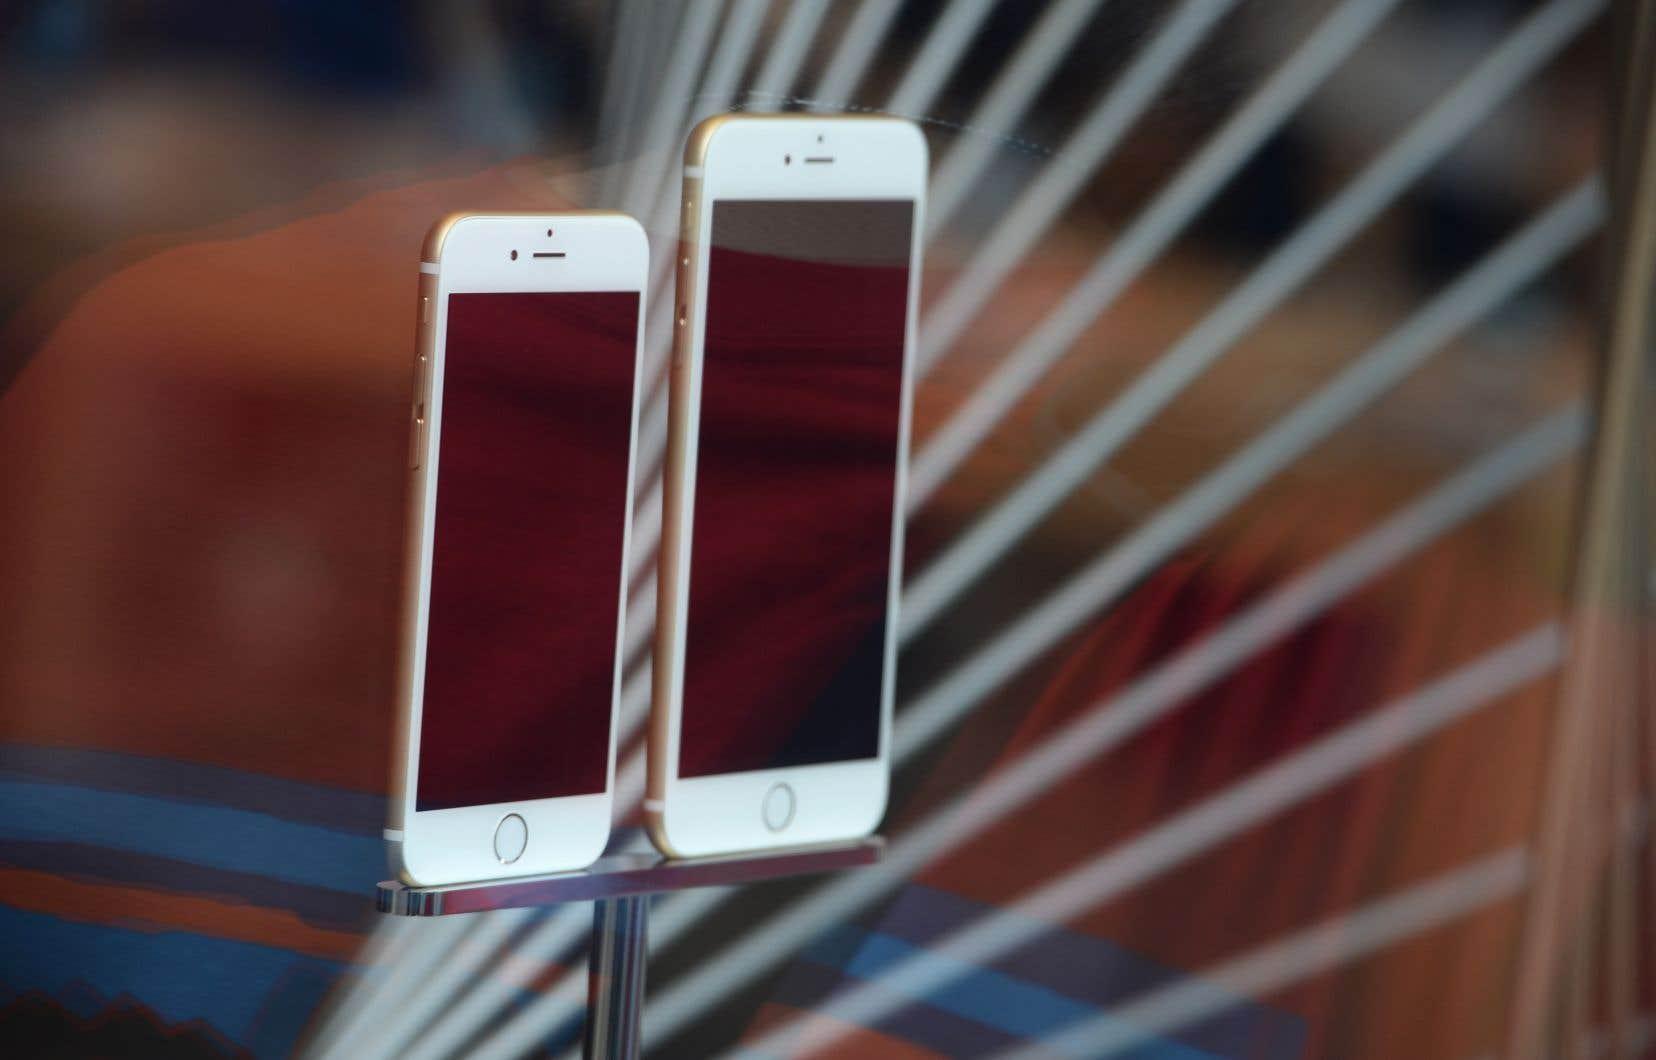 Apple a récemment reconnu avoir ralenti le rendement de certains iPhone pour sauvegarder les piles des appareils.